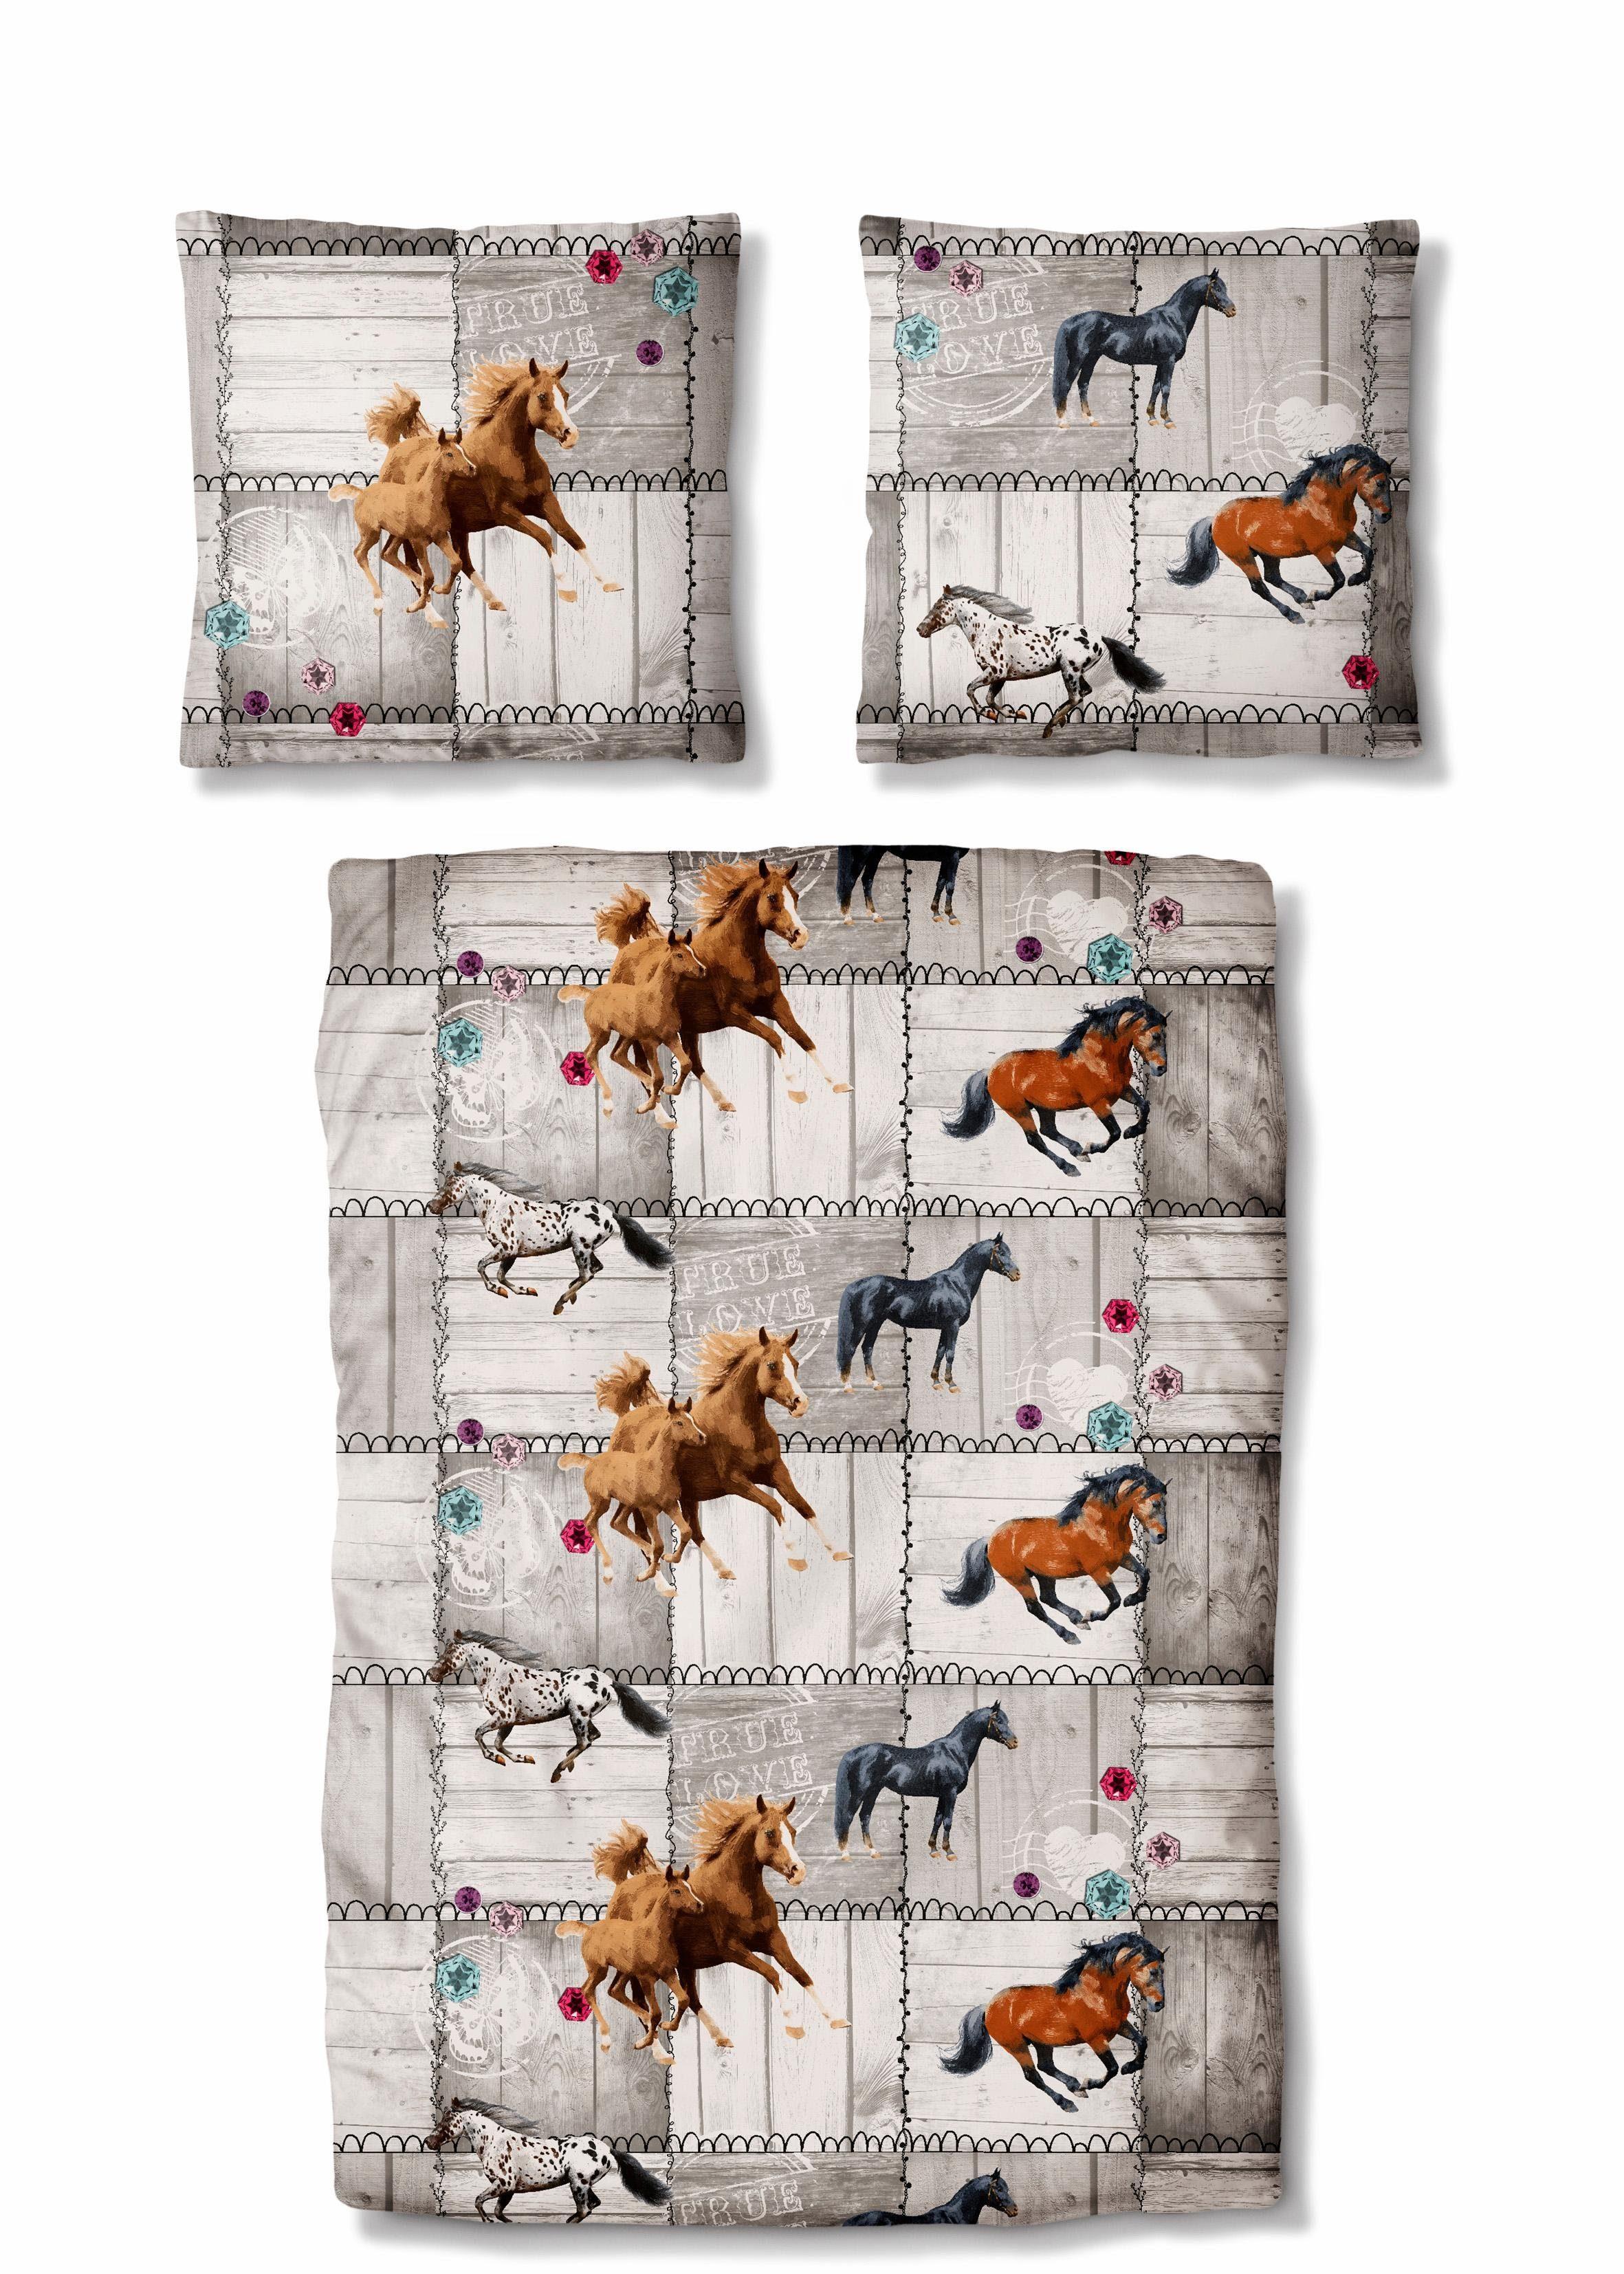 Kinderbettwäsche »Wild Horses«, Auro Hometextile, mit Pferden